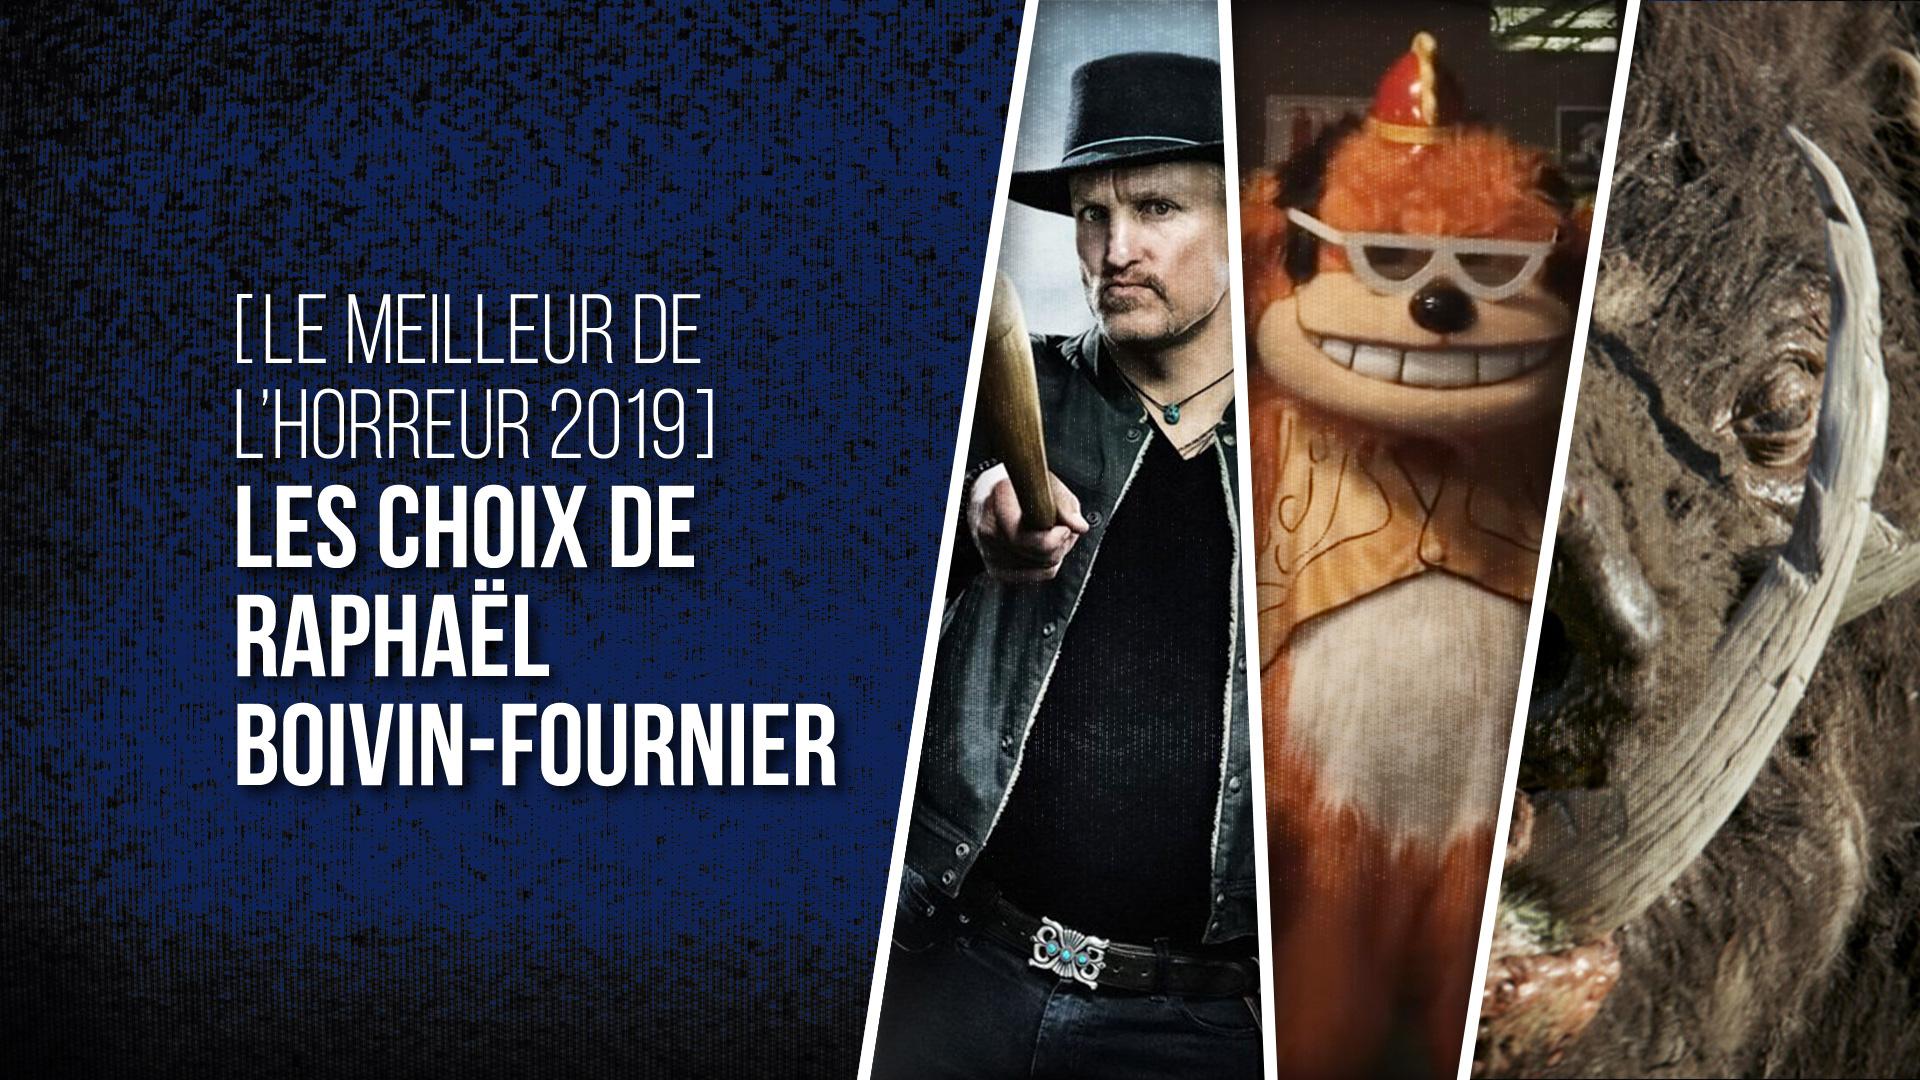 Choix Raphaël Boivin-Fournier 2019